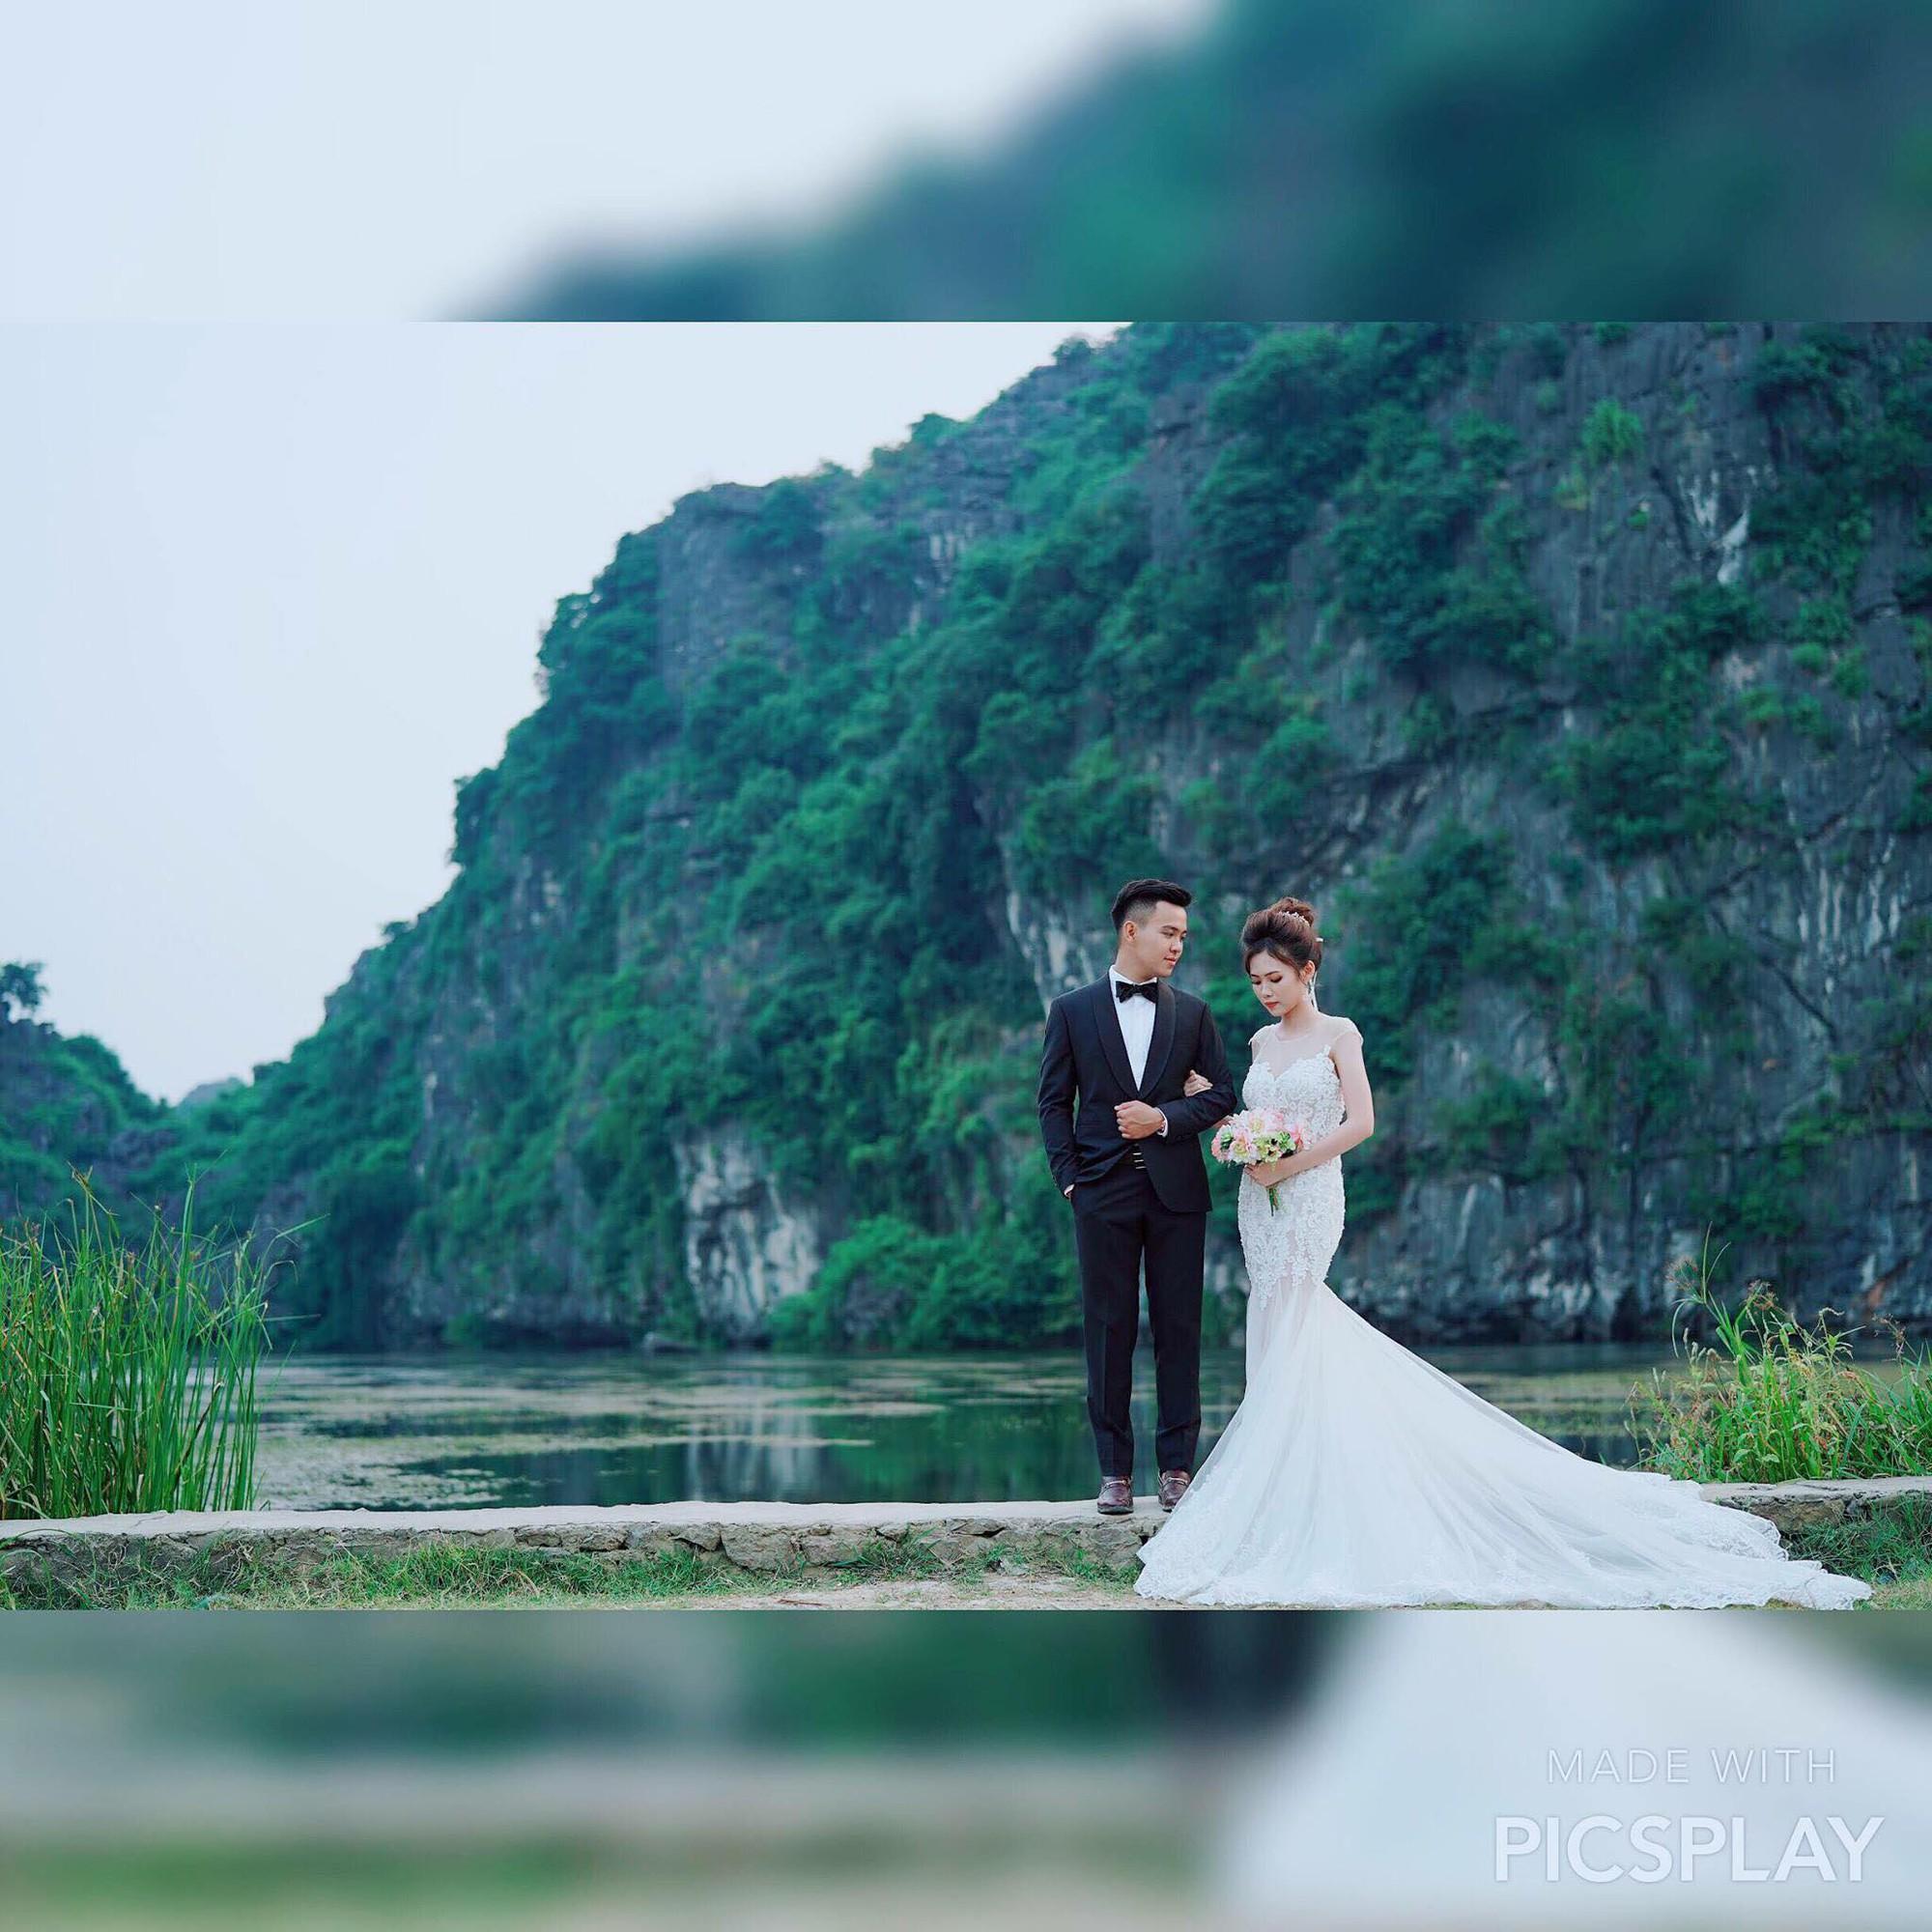 Cô dâu chú rể rạng rỡ trong đám cưới khủng, chi gần 1 tỷ đồng dựng rạp và mời cả ca sĩ Ngọc Sơn về biểu diễn - Ảnh 4.